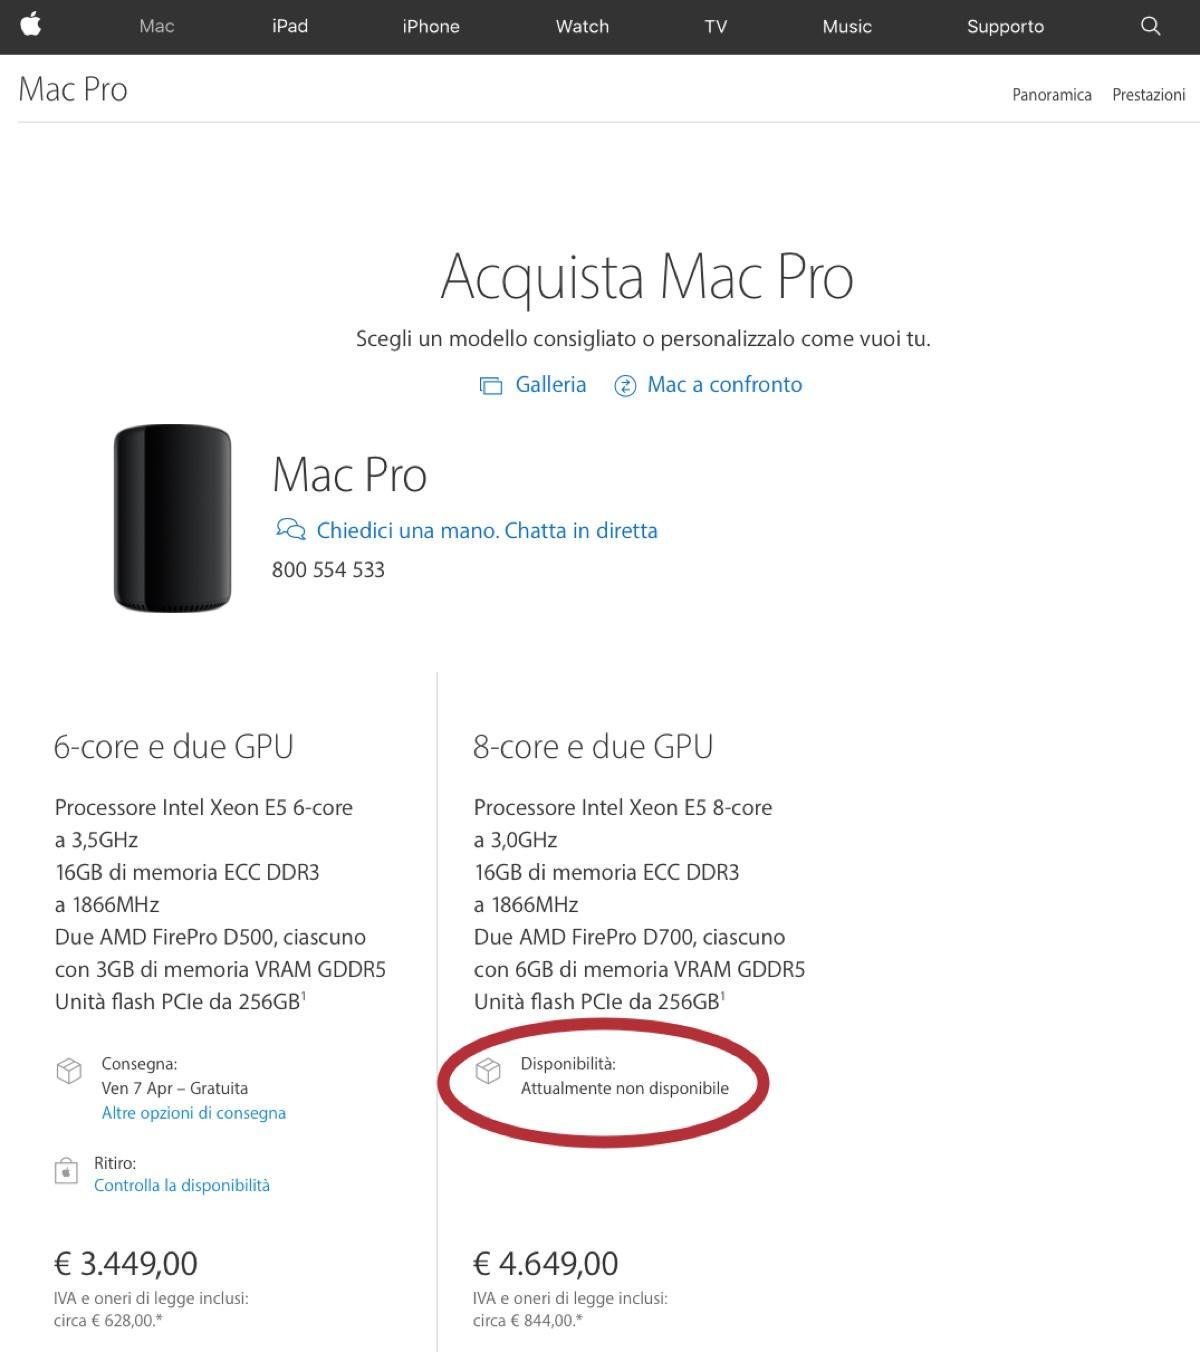 mac pro aggiornato 8 core